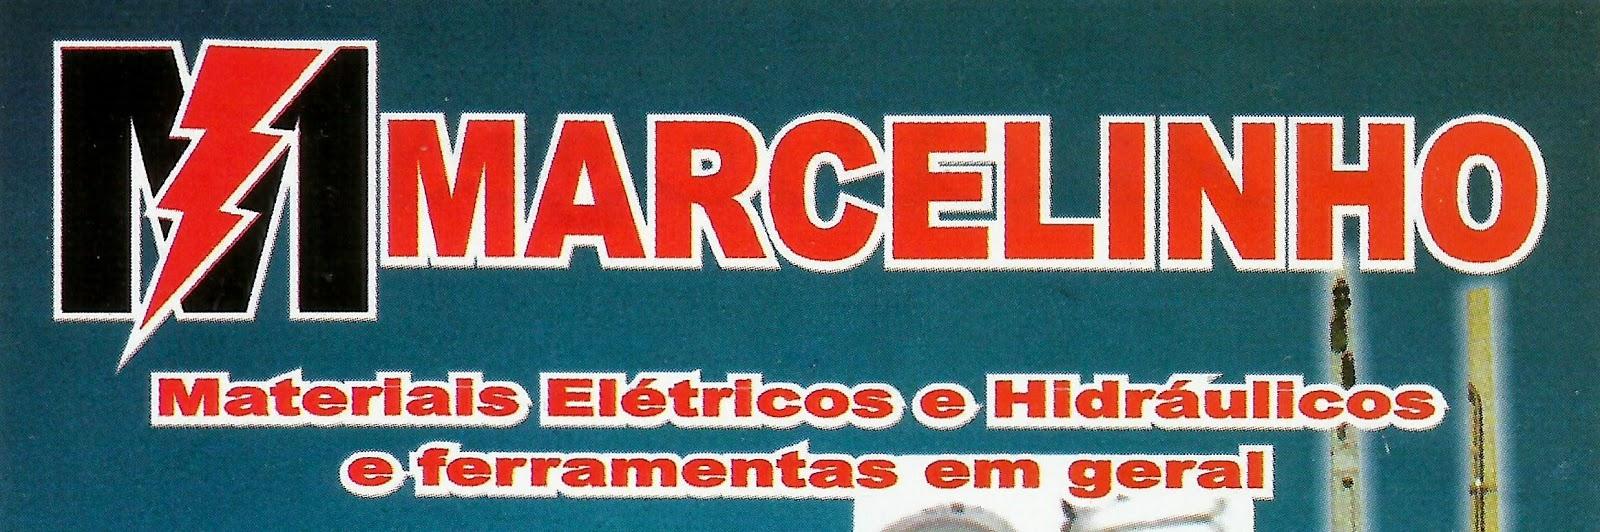 MARCELINHO Materiais Elétricos e Hidráulicos Rua. Nossa Senhora das Dores, 107 Sarapuí - SP e-mail: marcelinhoeletrica@uol.com.br tel: (15) 3276-1226